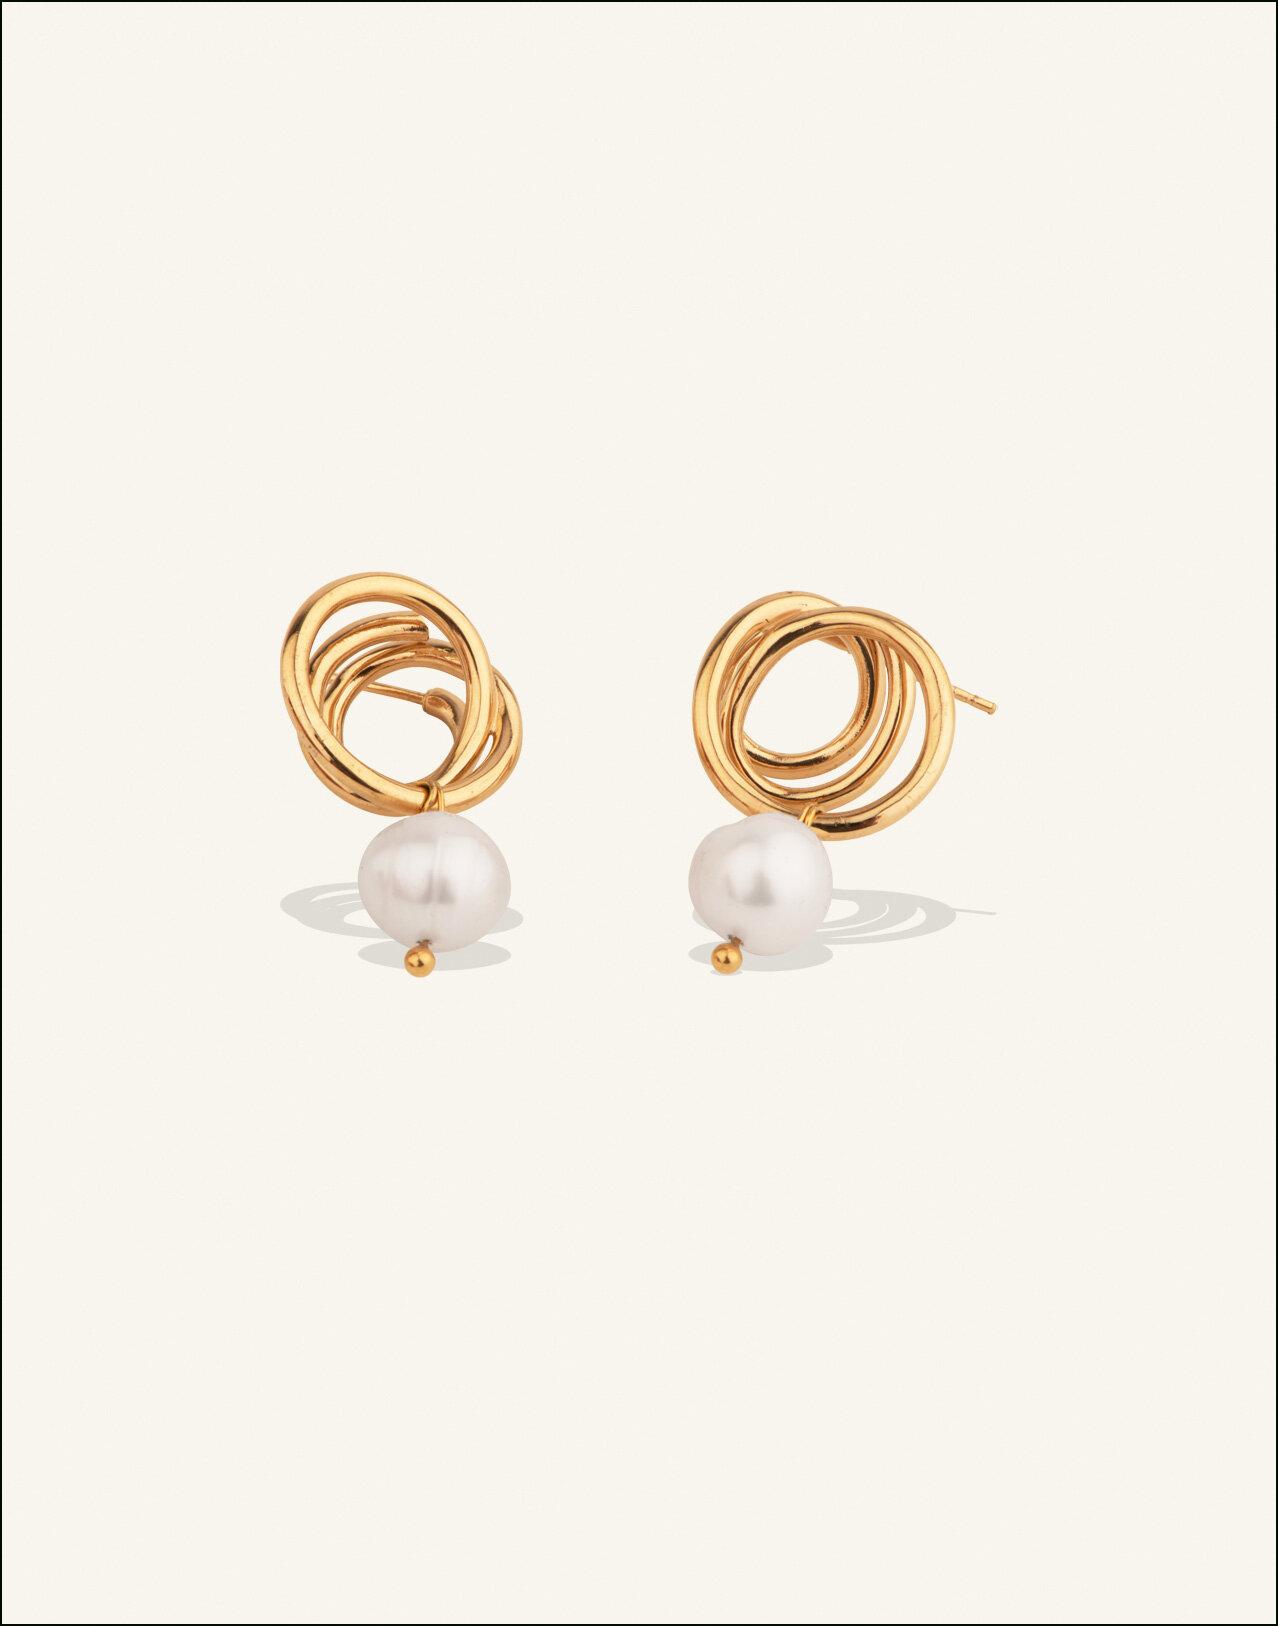 Completedworks-Flow-Earrings-Pearl-2.jpg